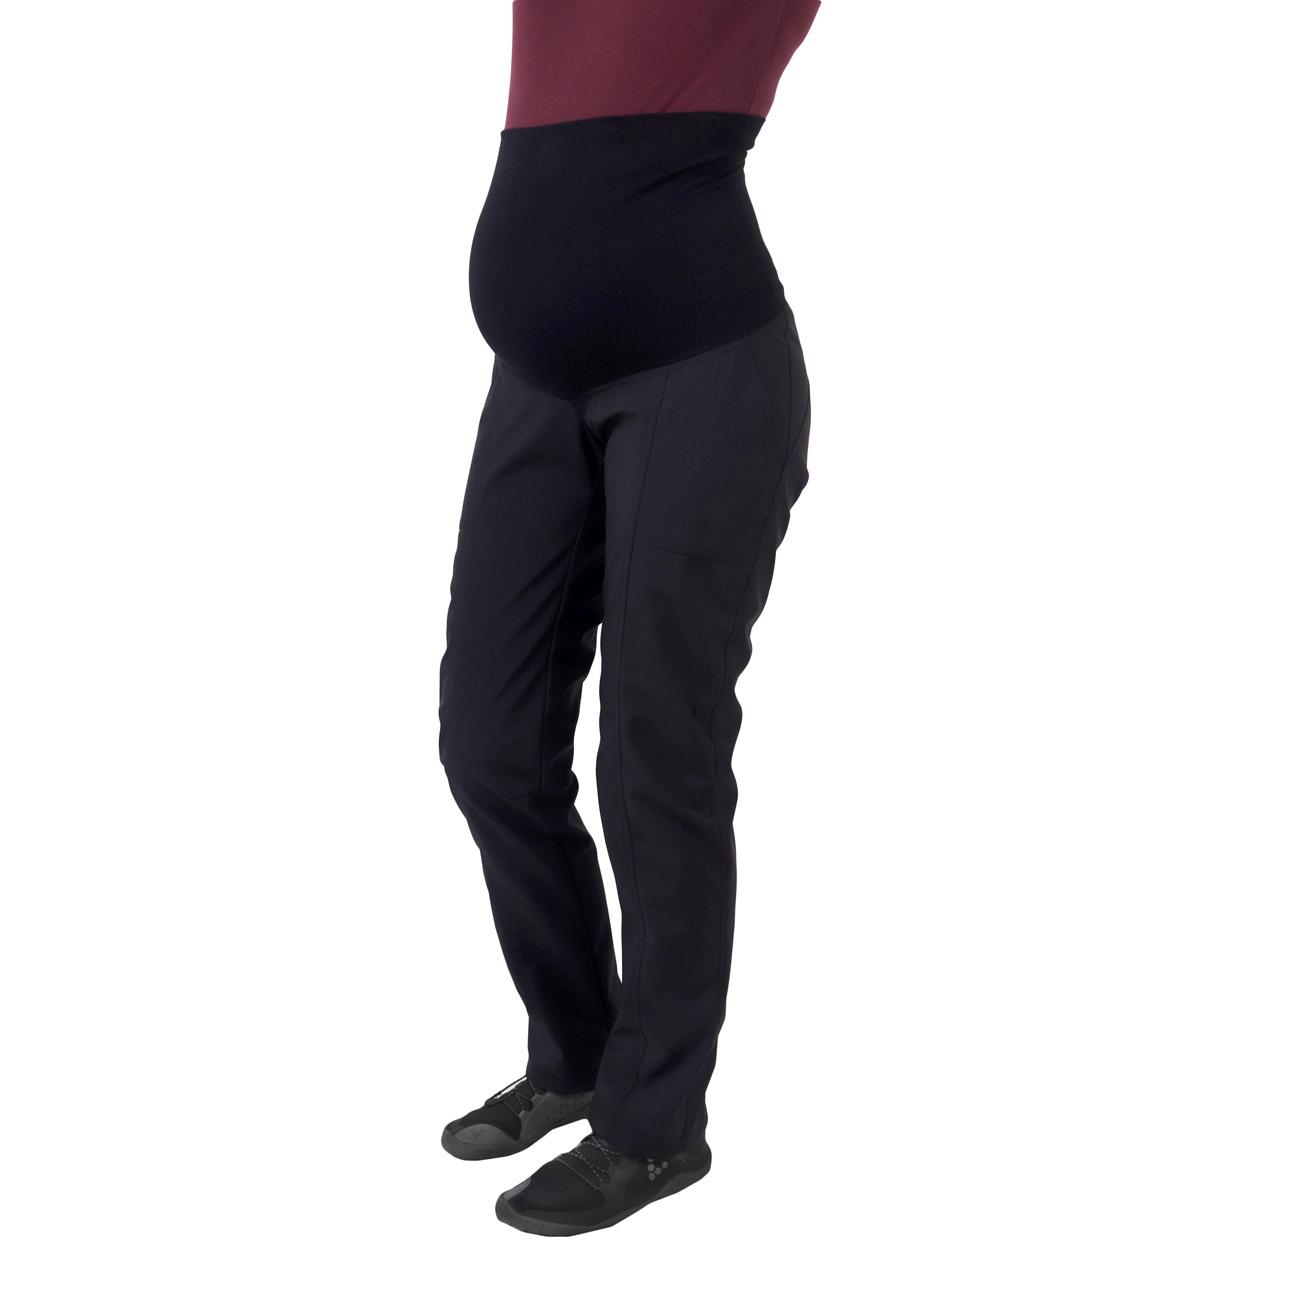 Jarní/letní těhotenské softshellové kalhoty liva, černé, 46 prodloužené